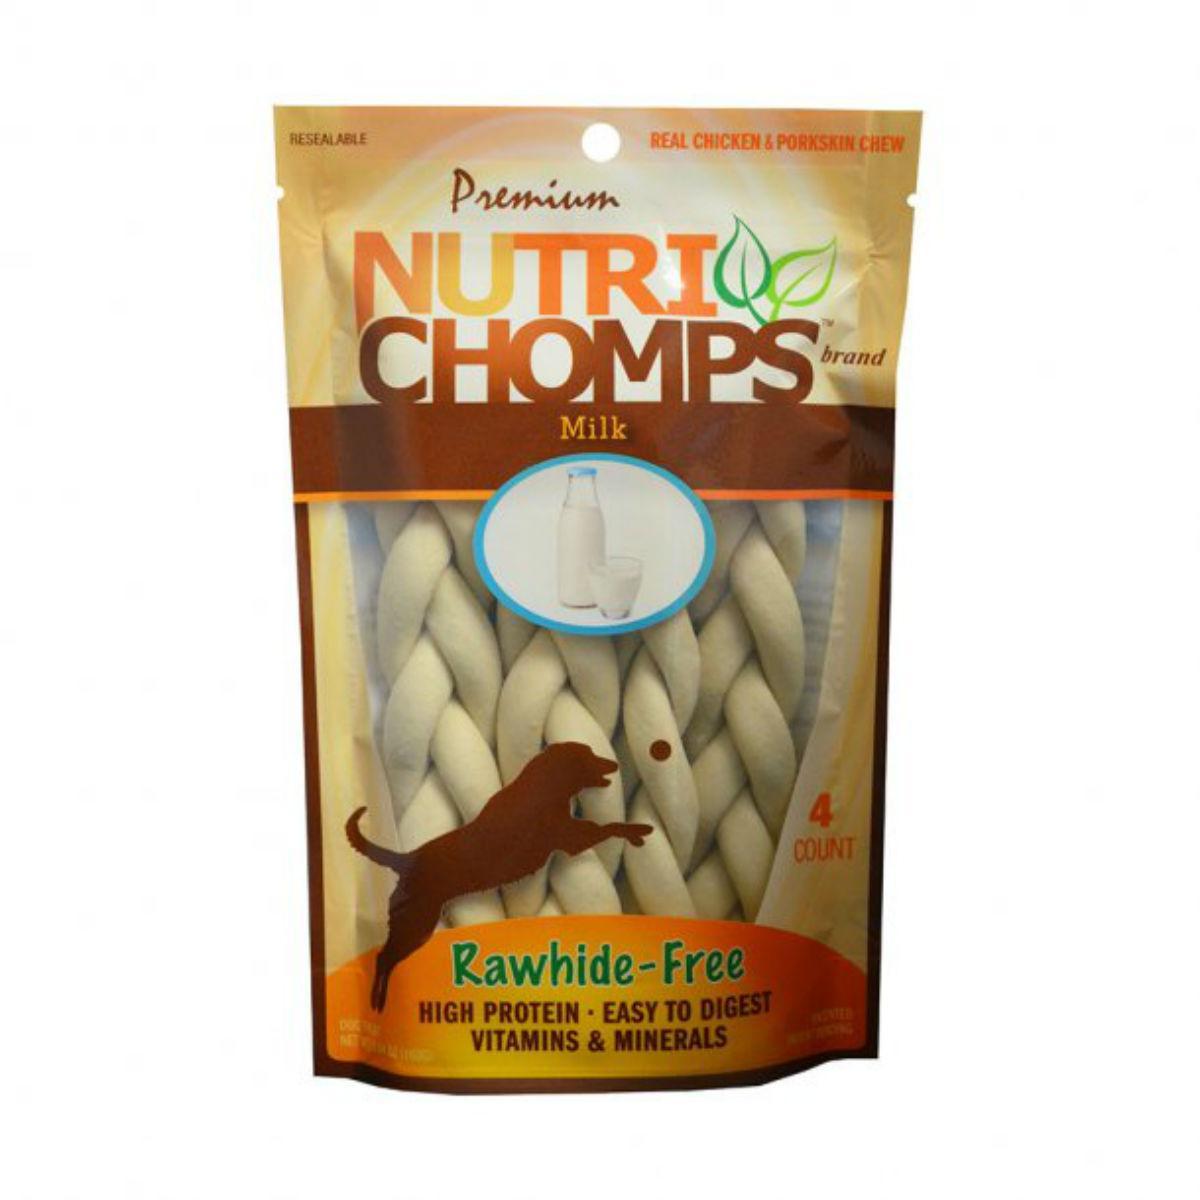 Nutri Chomps Braid Dog Treats - Milk